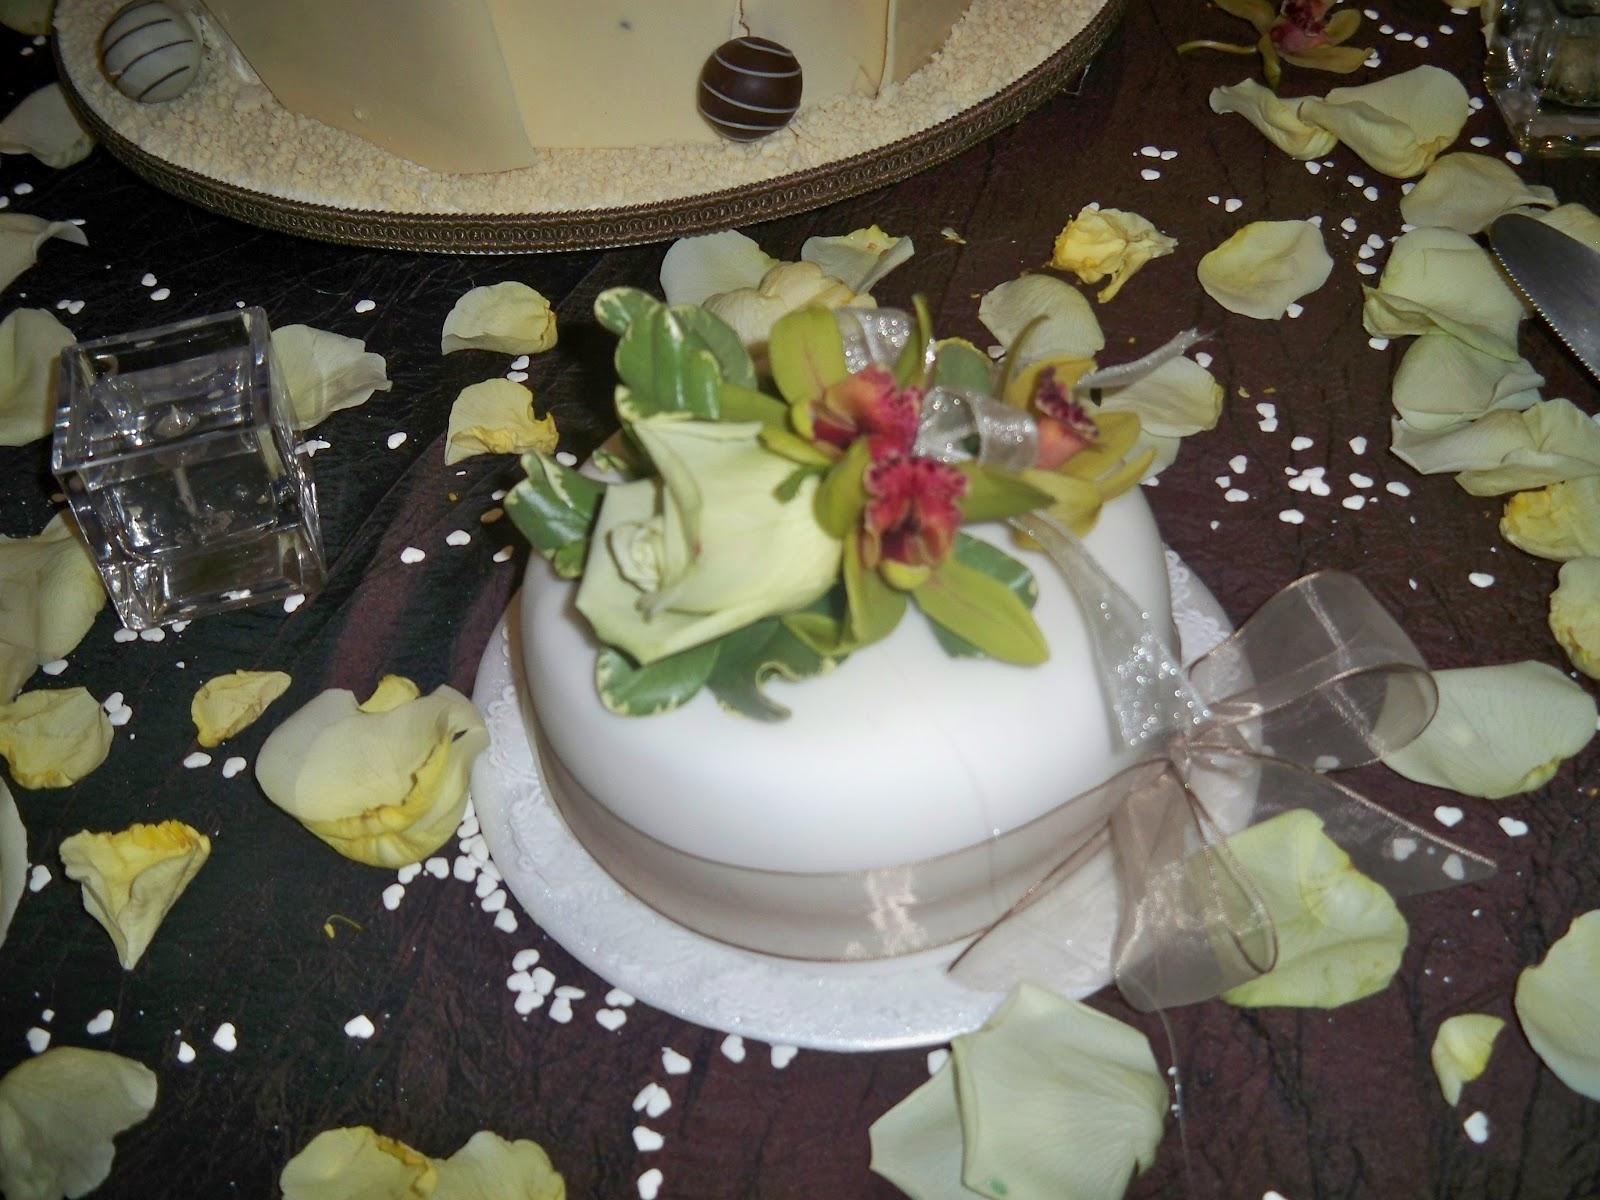 Decoraci n floral aura rosa camacho arreglos flores blancas - Camacho decoracion ...